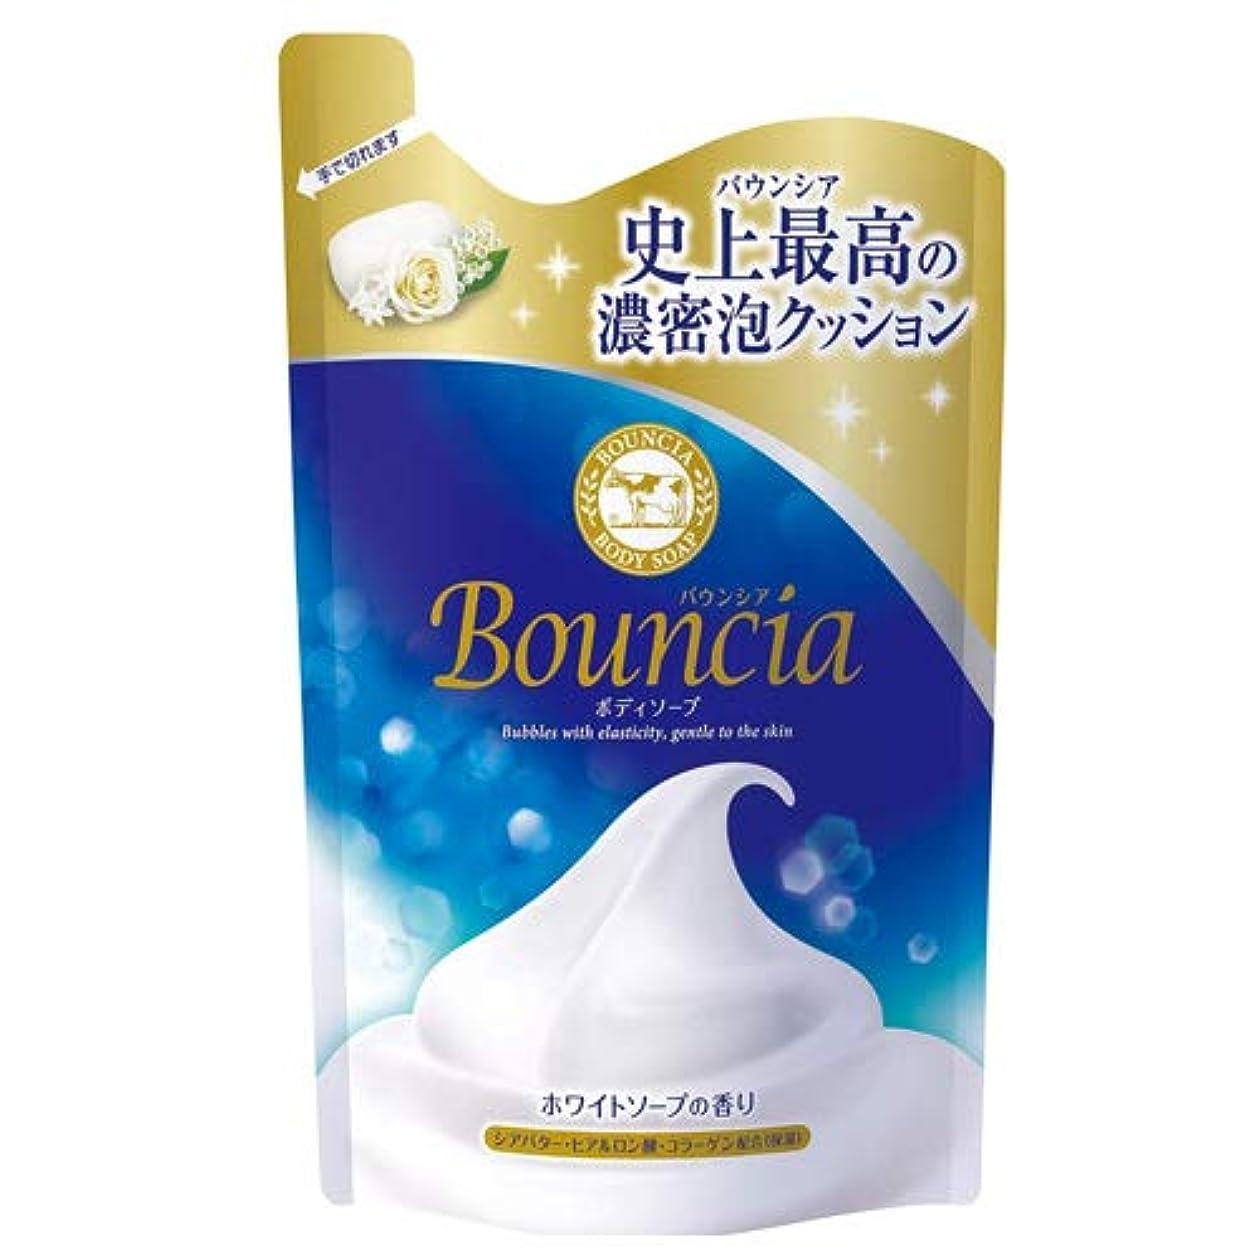 有効プレゼンタードライバ牛乳石鹸 バウンシア ボディソープ 詰替用 400ml×4個